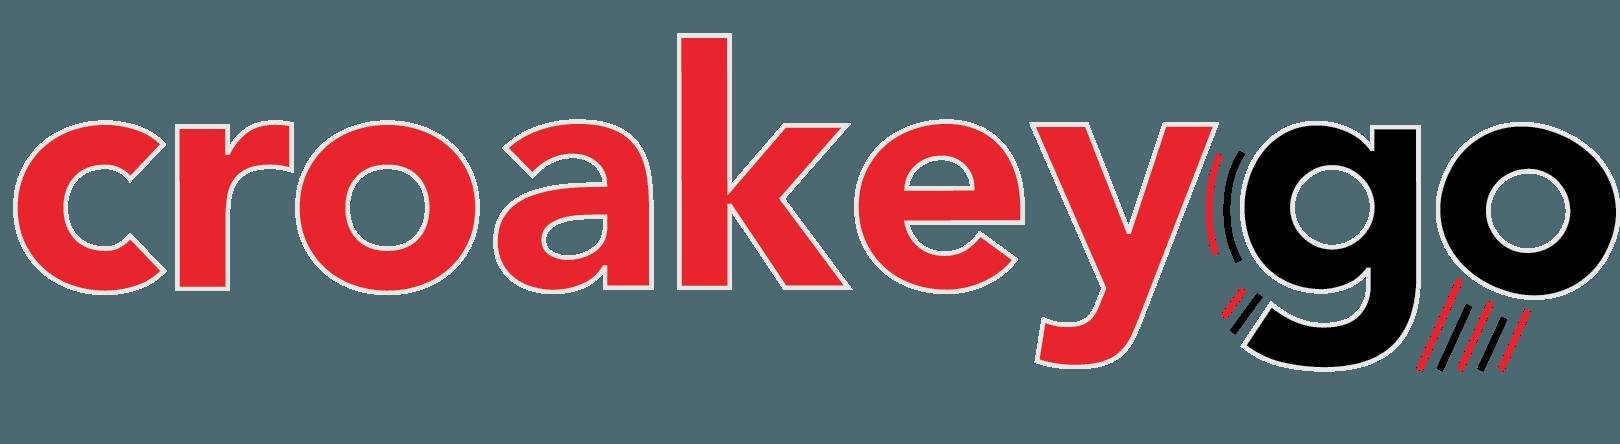 croakeygo_logo-1